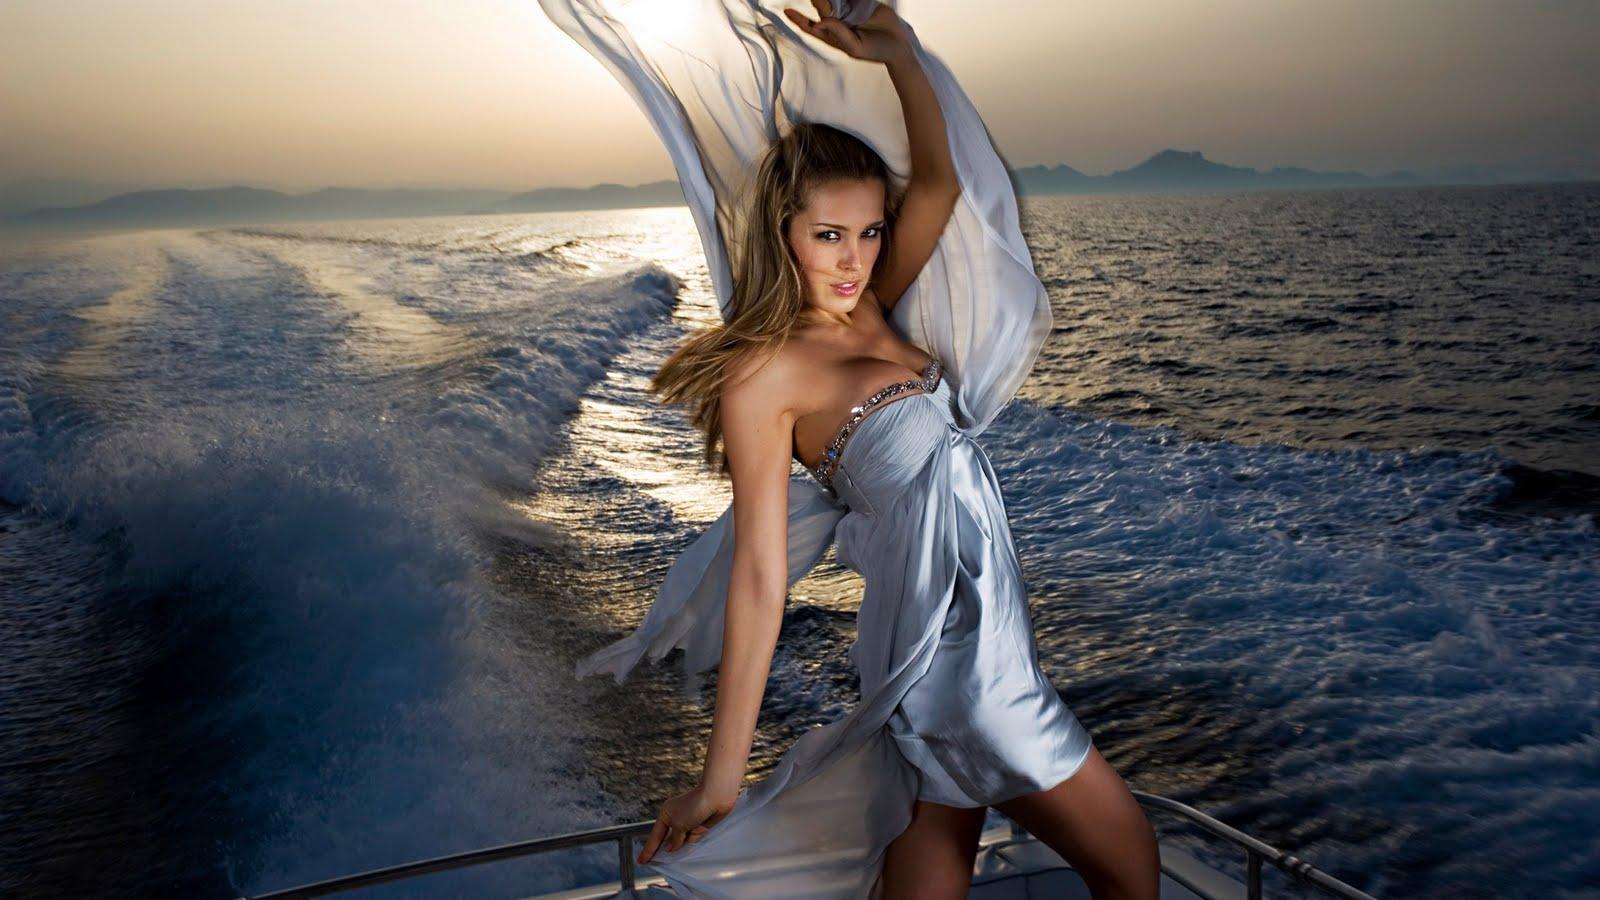 http://1.bp.blogspot.com/-rdHs4BMdPe8/TbcobJBXoFI/AAAAAAAAAAY/wnSmeUOpc00/s1600/Petra_Nemcova_yacht_photoshoot_1920x1080-HDTV-1080p.jpg